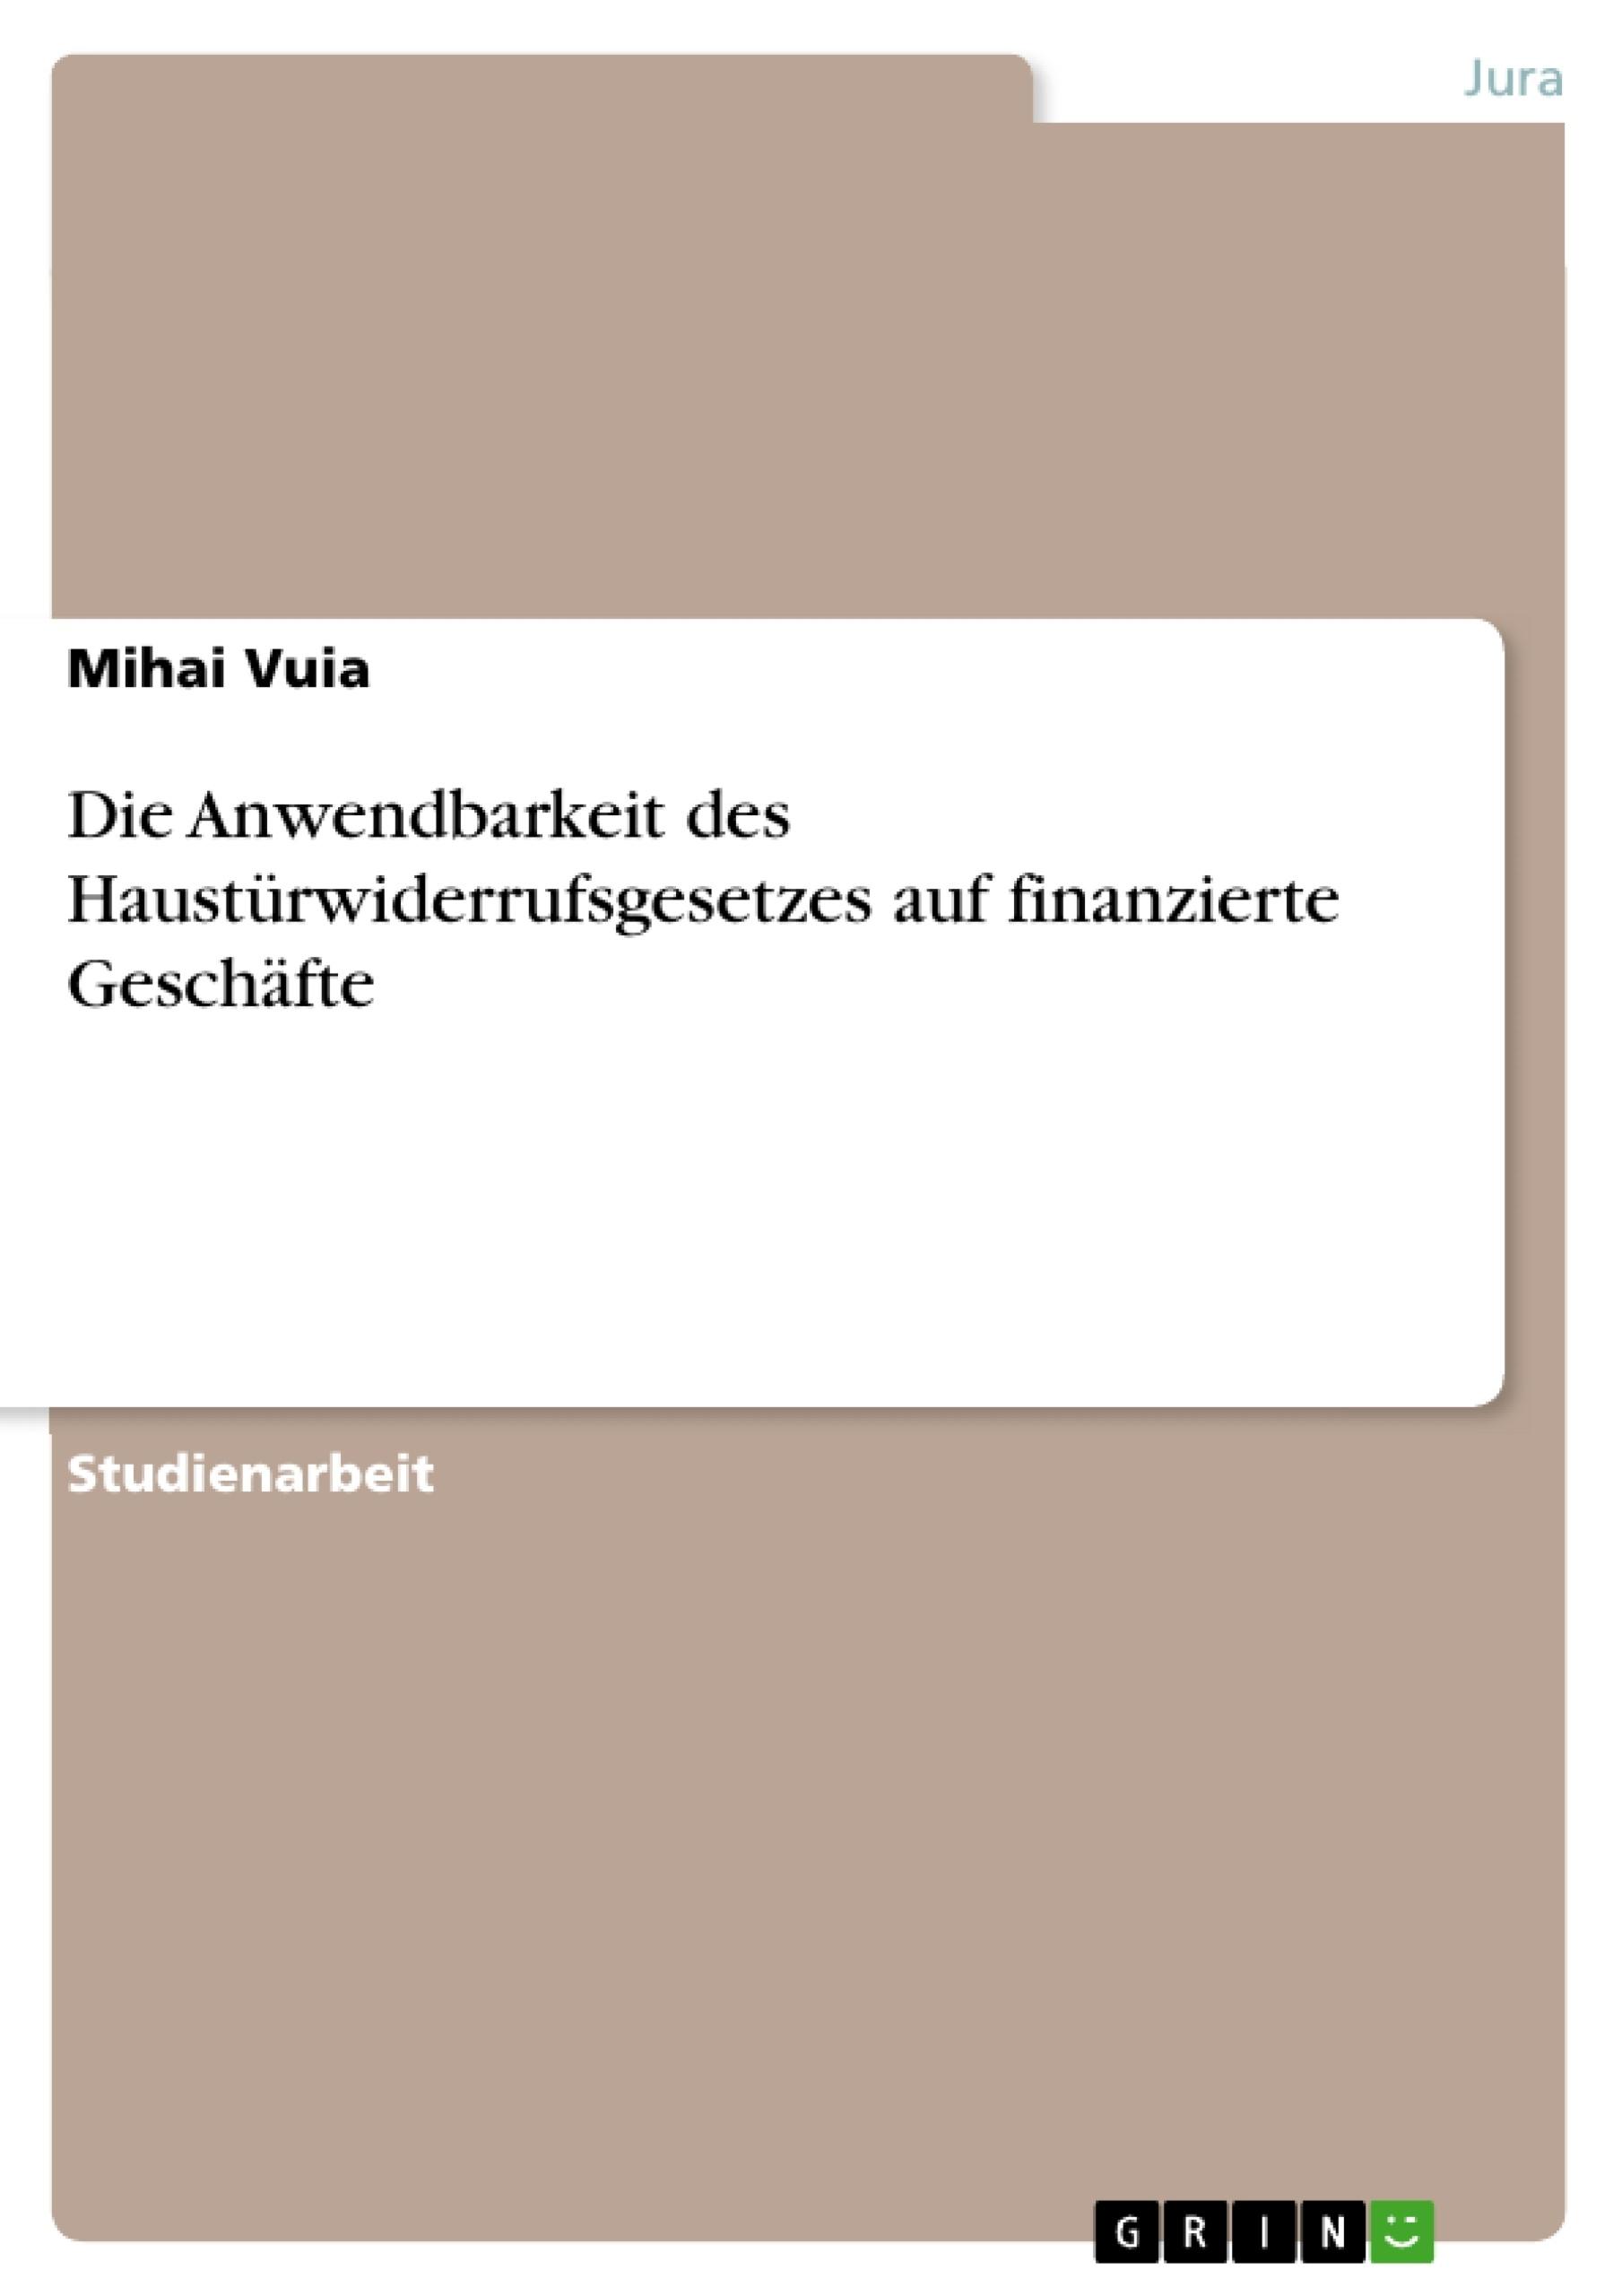 Titel: Die Anwendbarkeit des Haustürwiderrufsgesetzes auf finanzierte Geschäfte